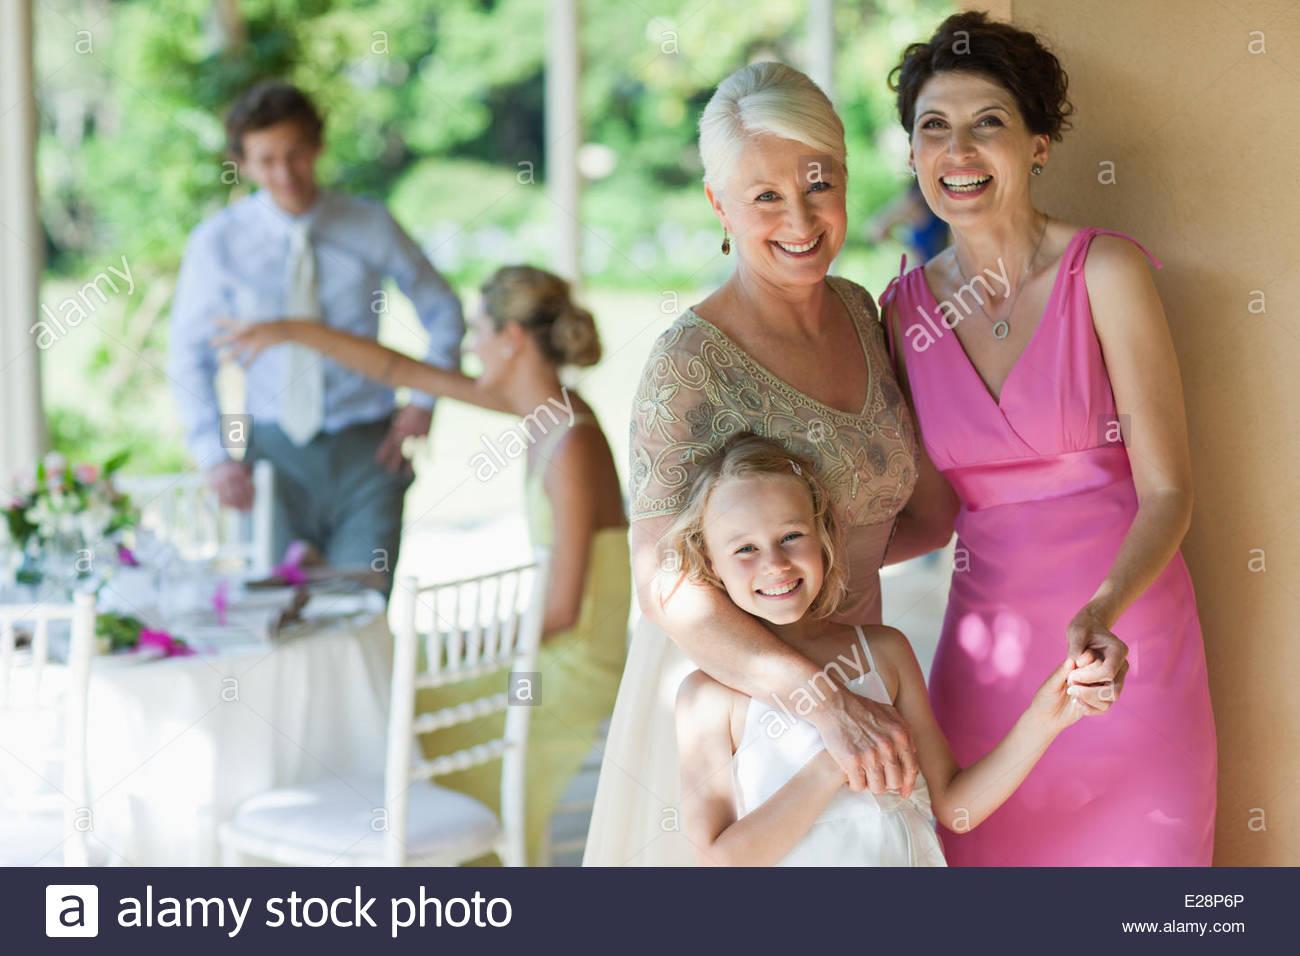 Familie Hand in Hand bei Hochzeitsfeier Stockbild